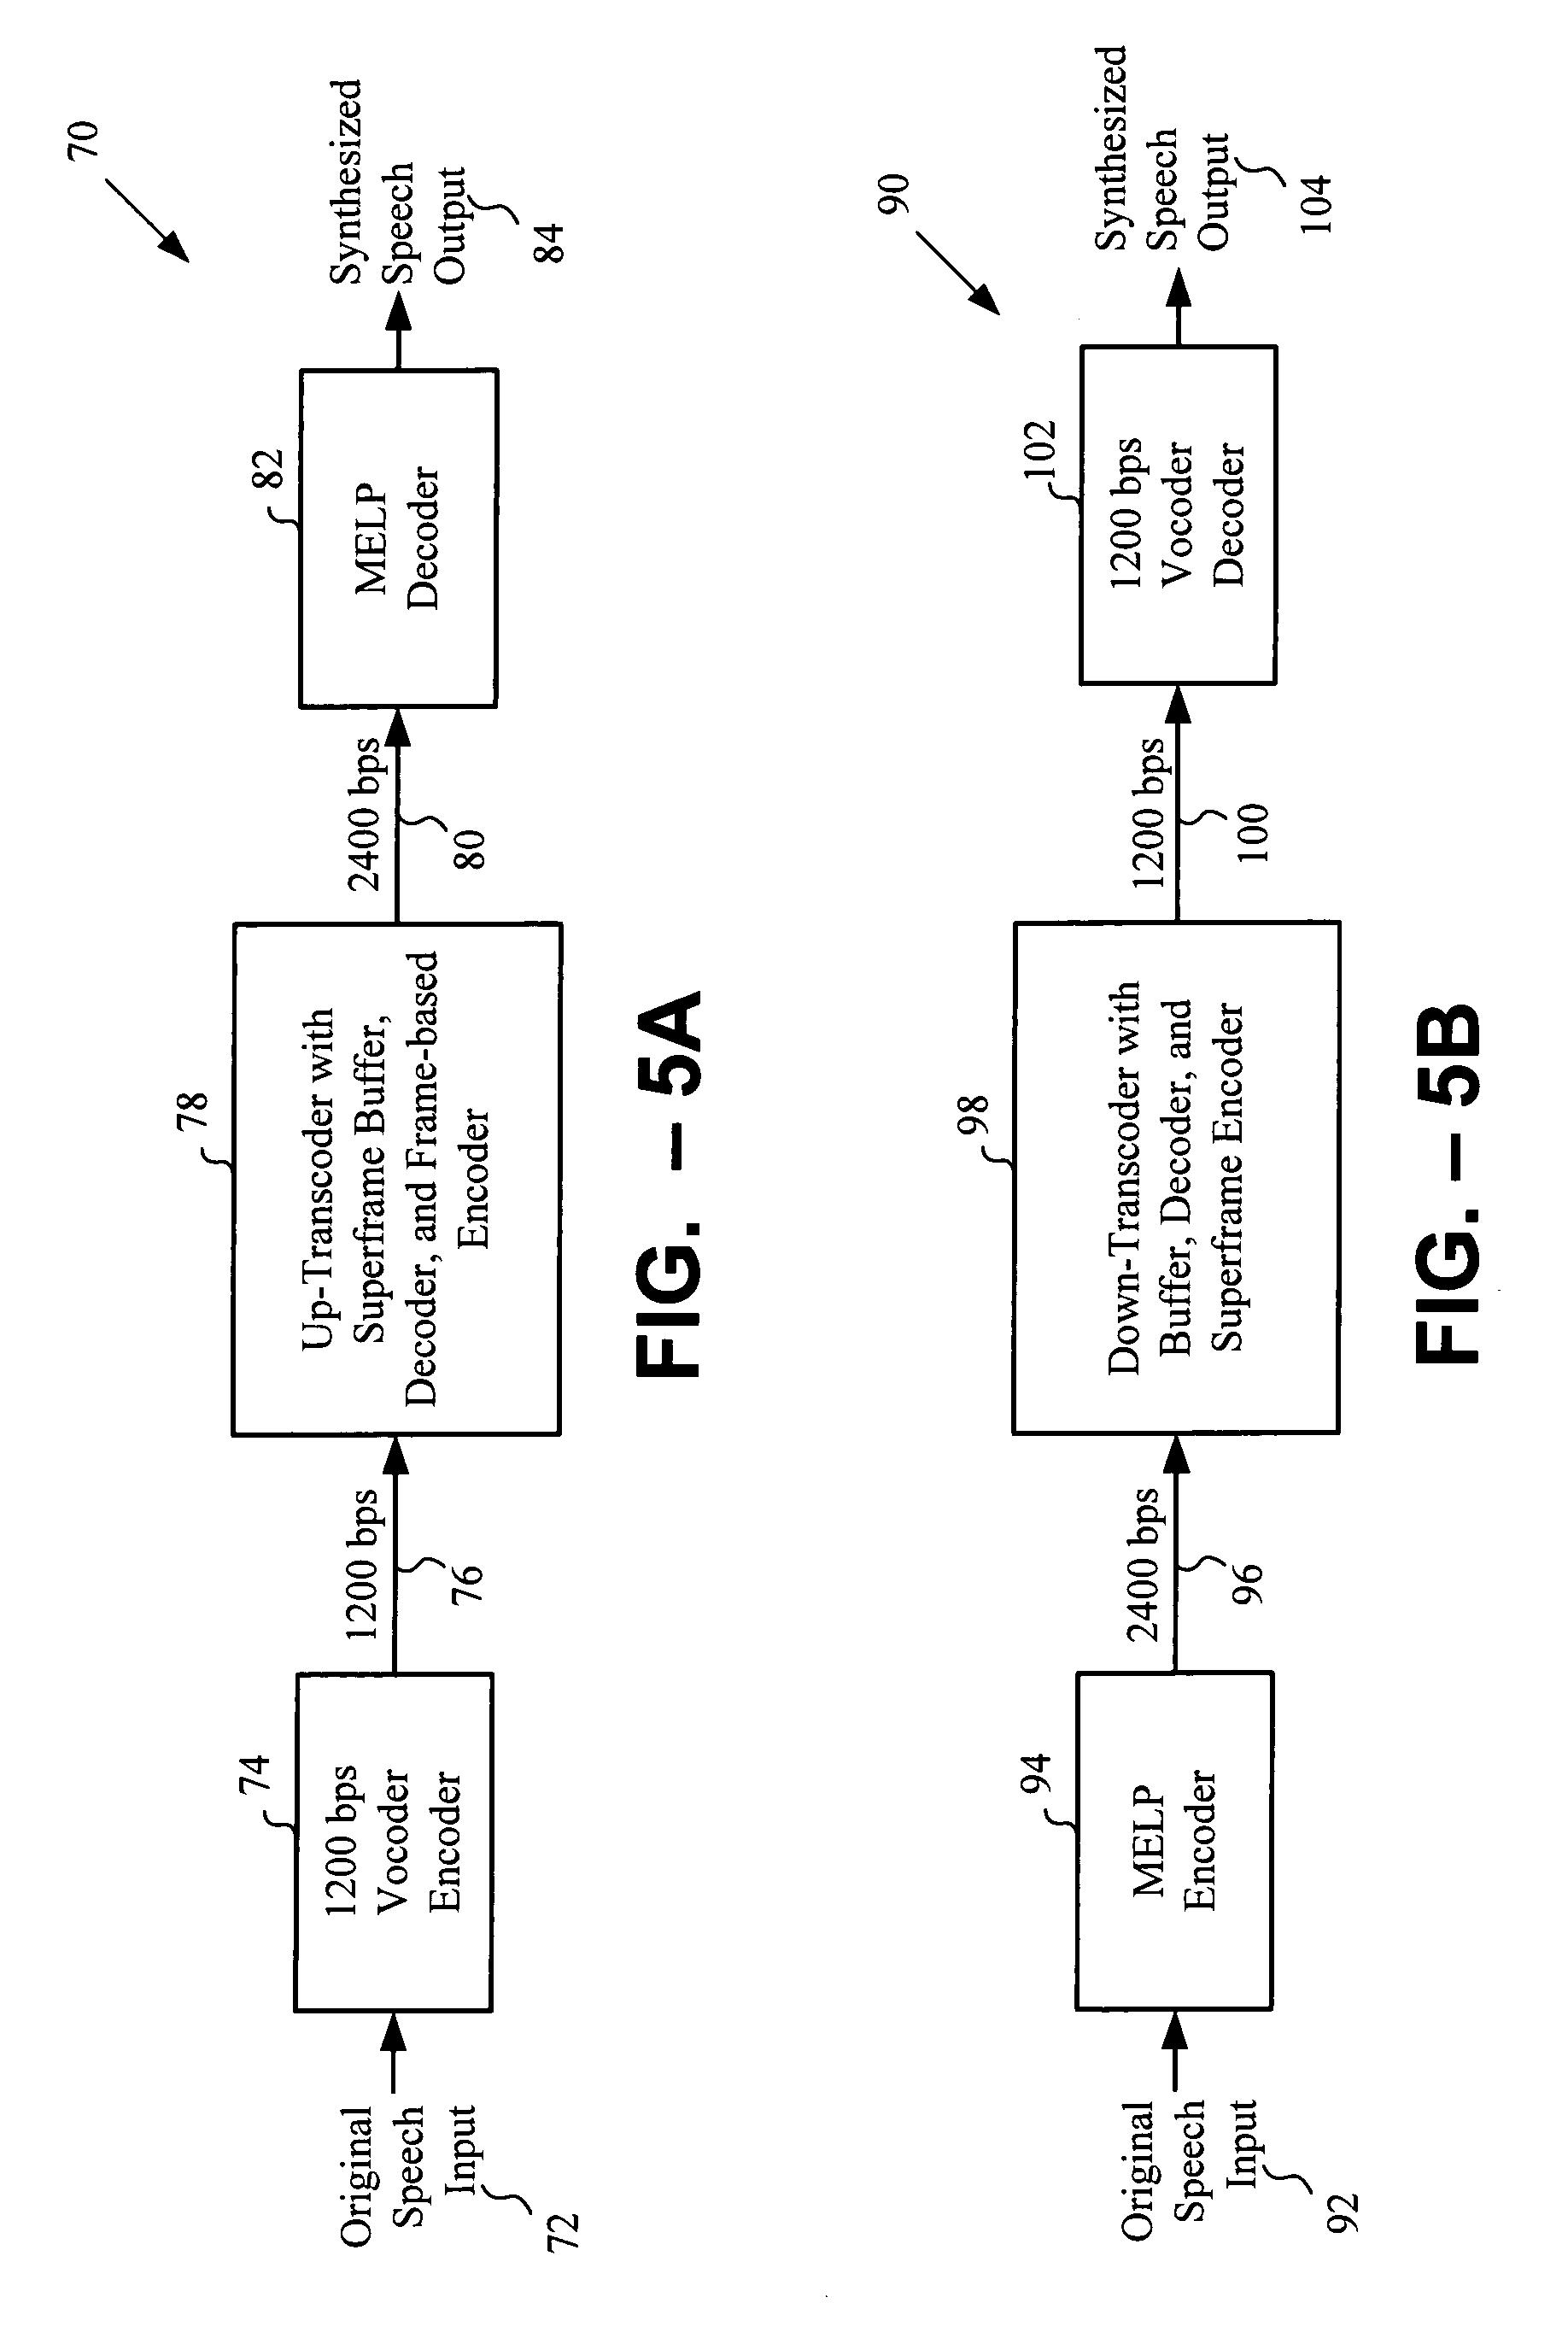 patent us7286982